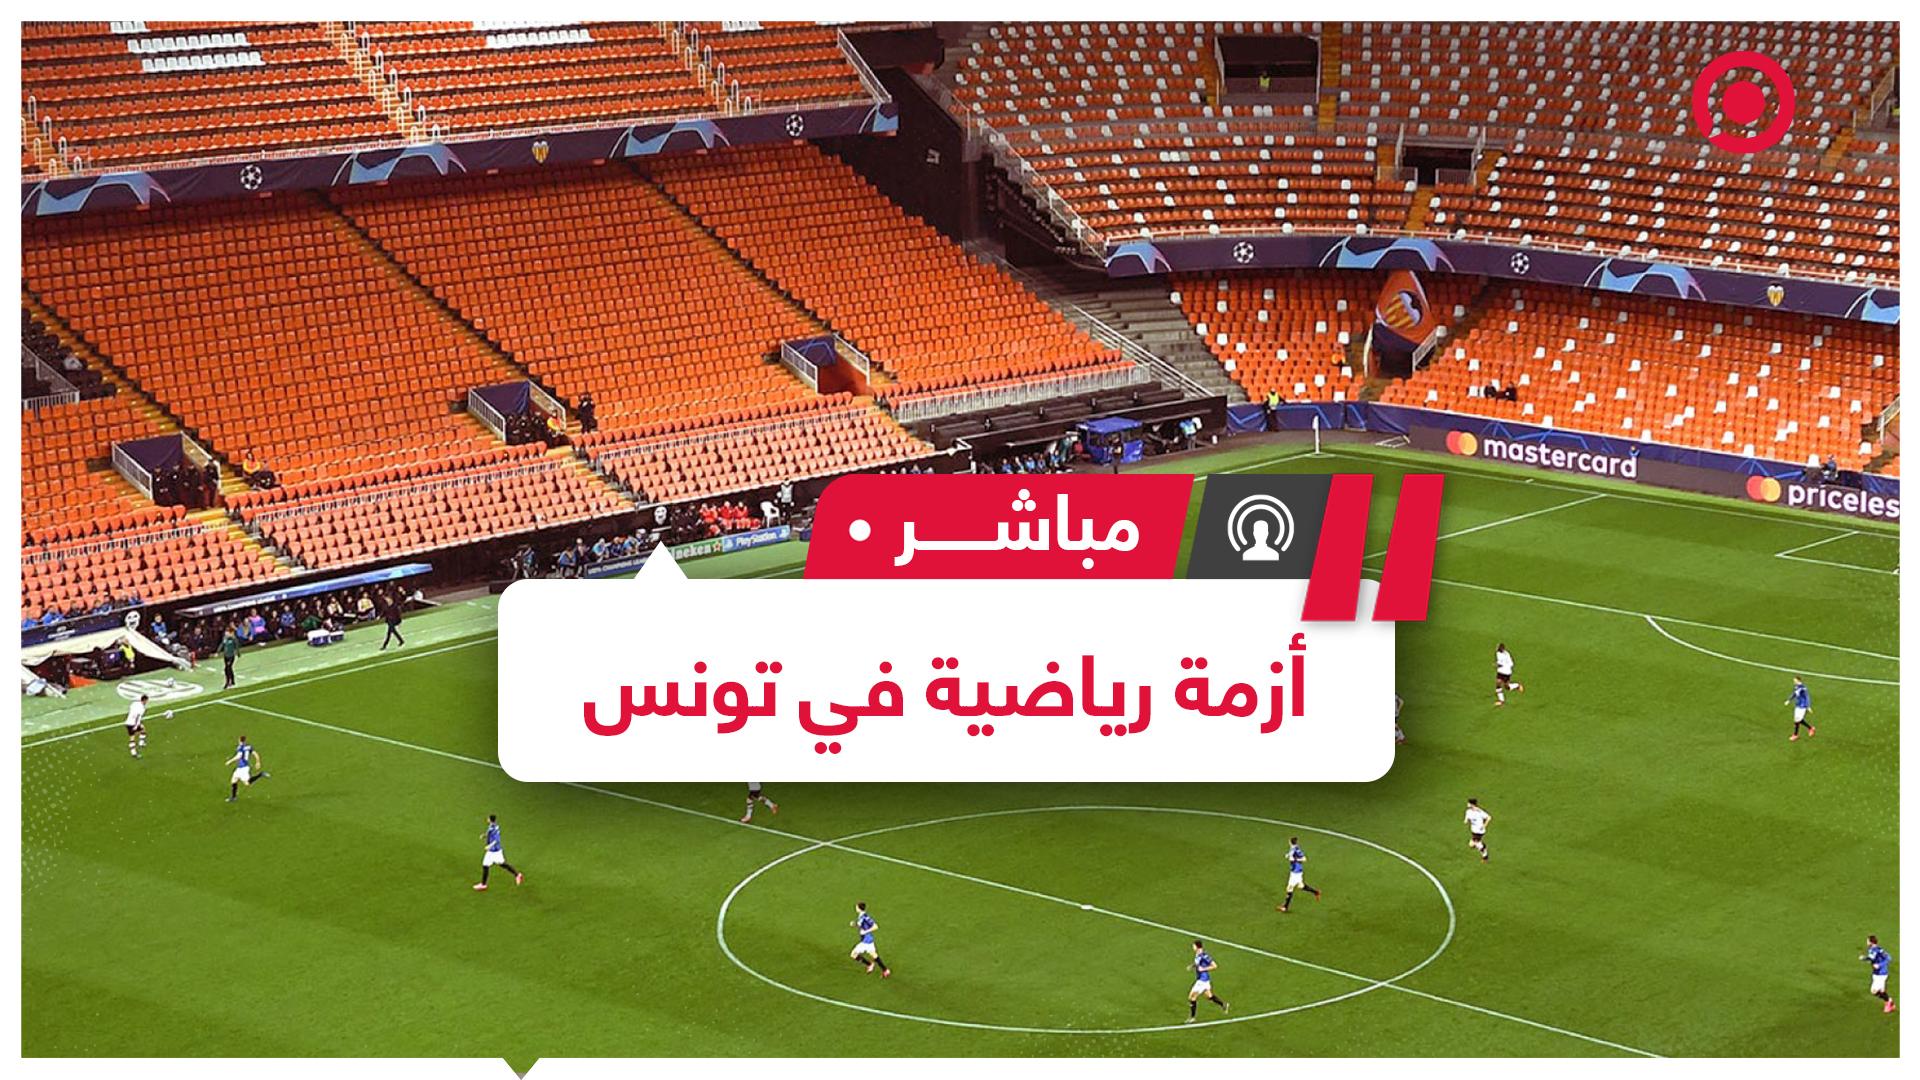 """أزمة رياضية في تونس و""""الفيفا"""" يهدد بتجميد مشاركة الفرق التونسية في المسابقات الدولية"""